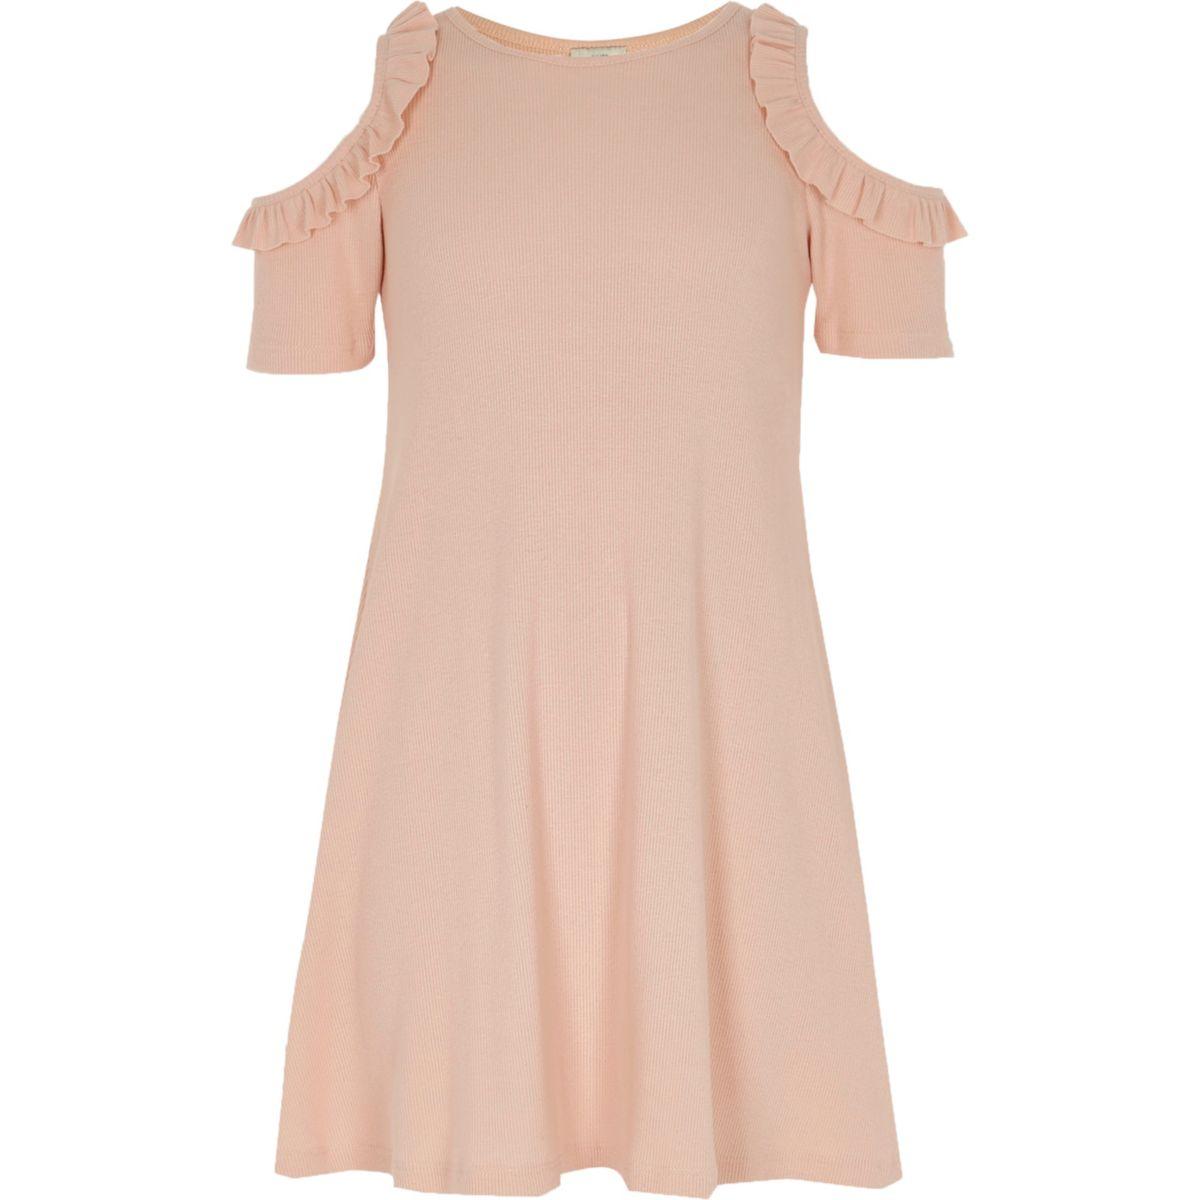 Girls pink rib cold shoulder dress